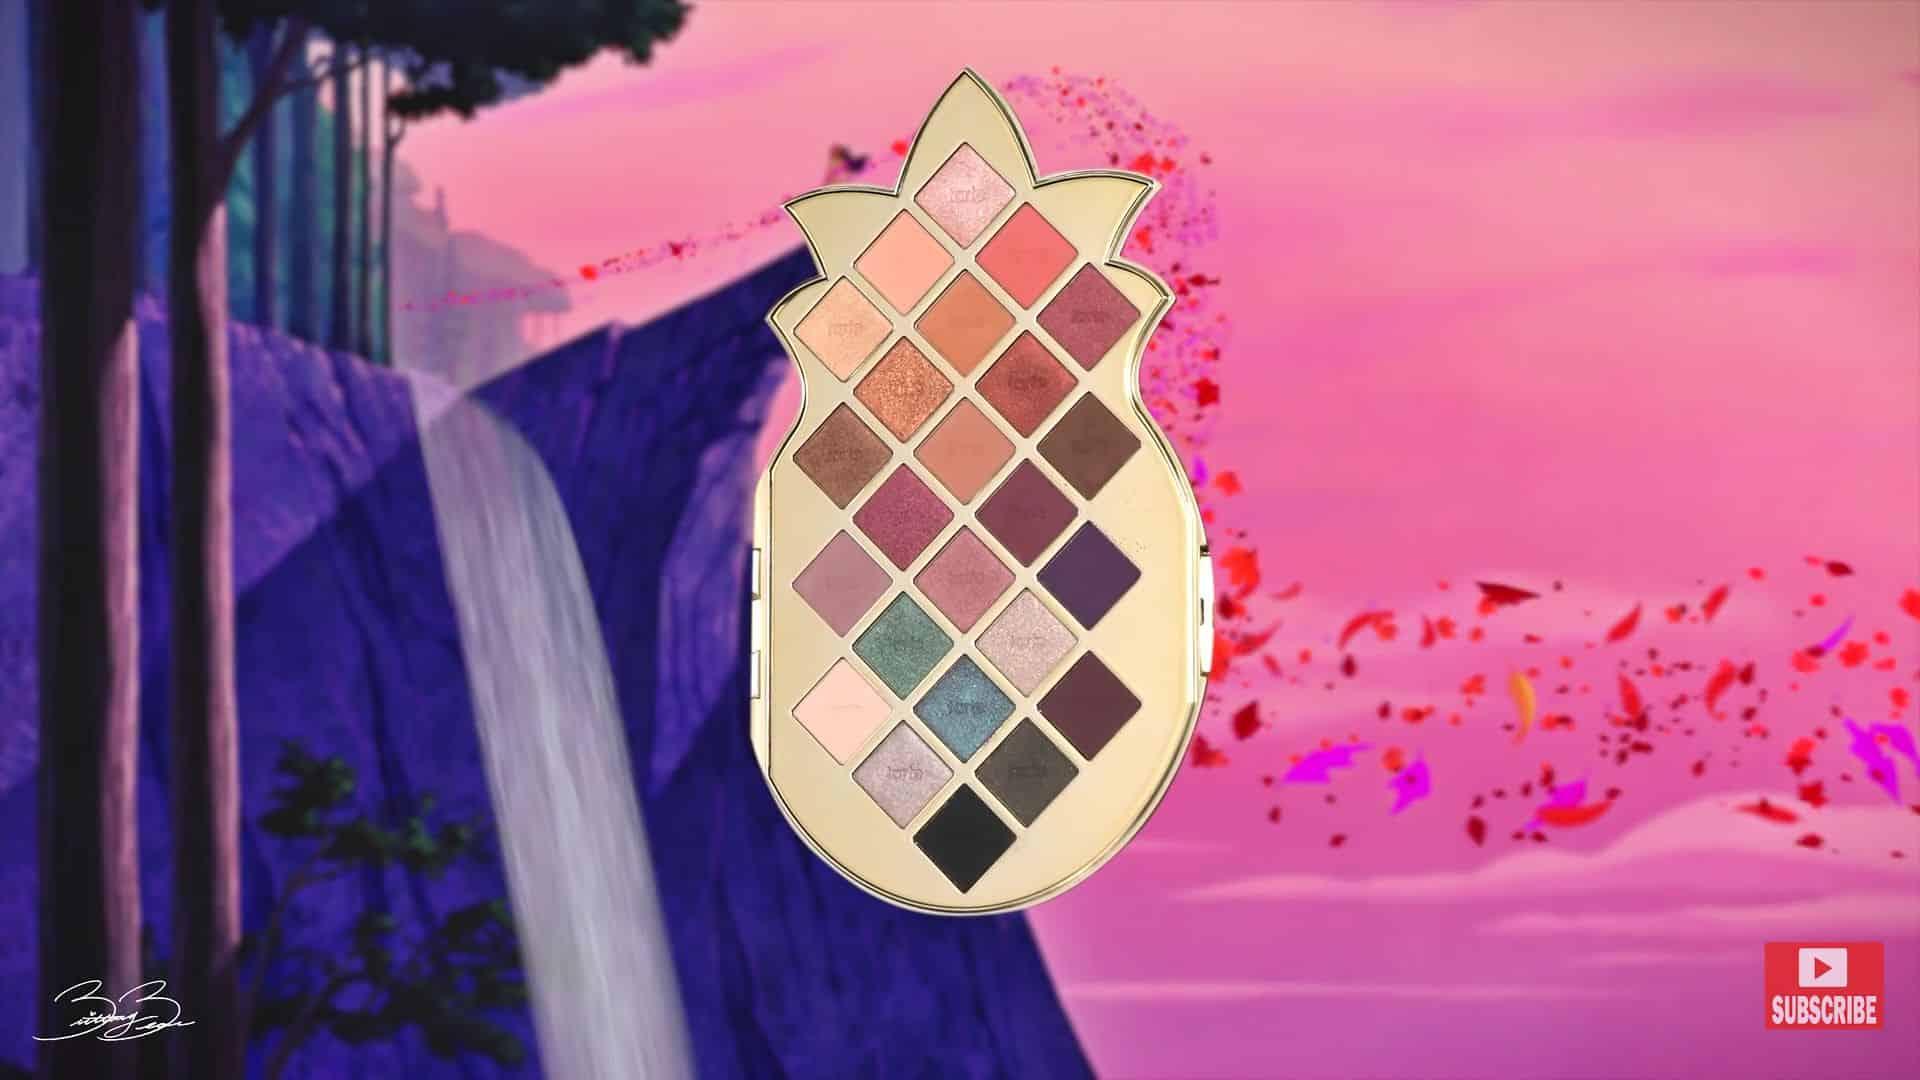 Maquíllate como la princesa Pocahontas,BrittanyBearMakeup 2020. paleta de sombras.